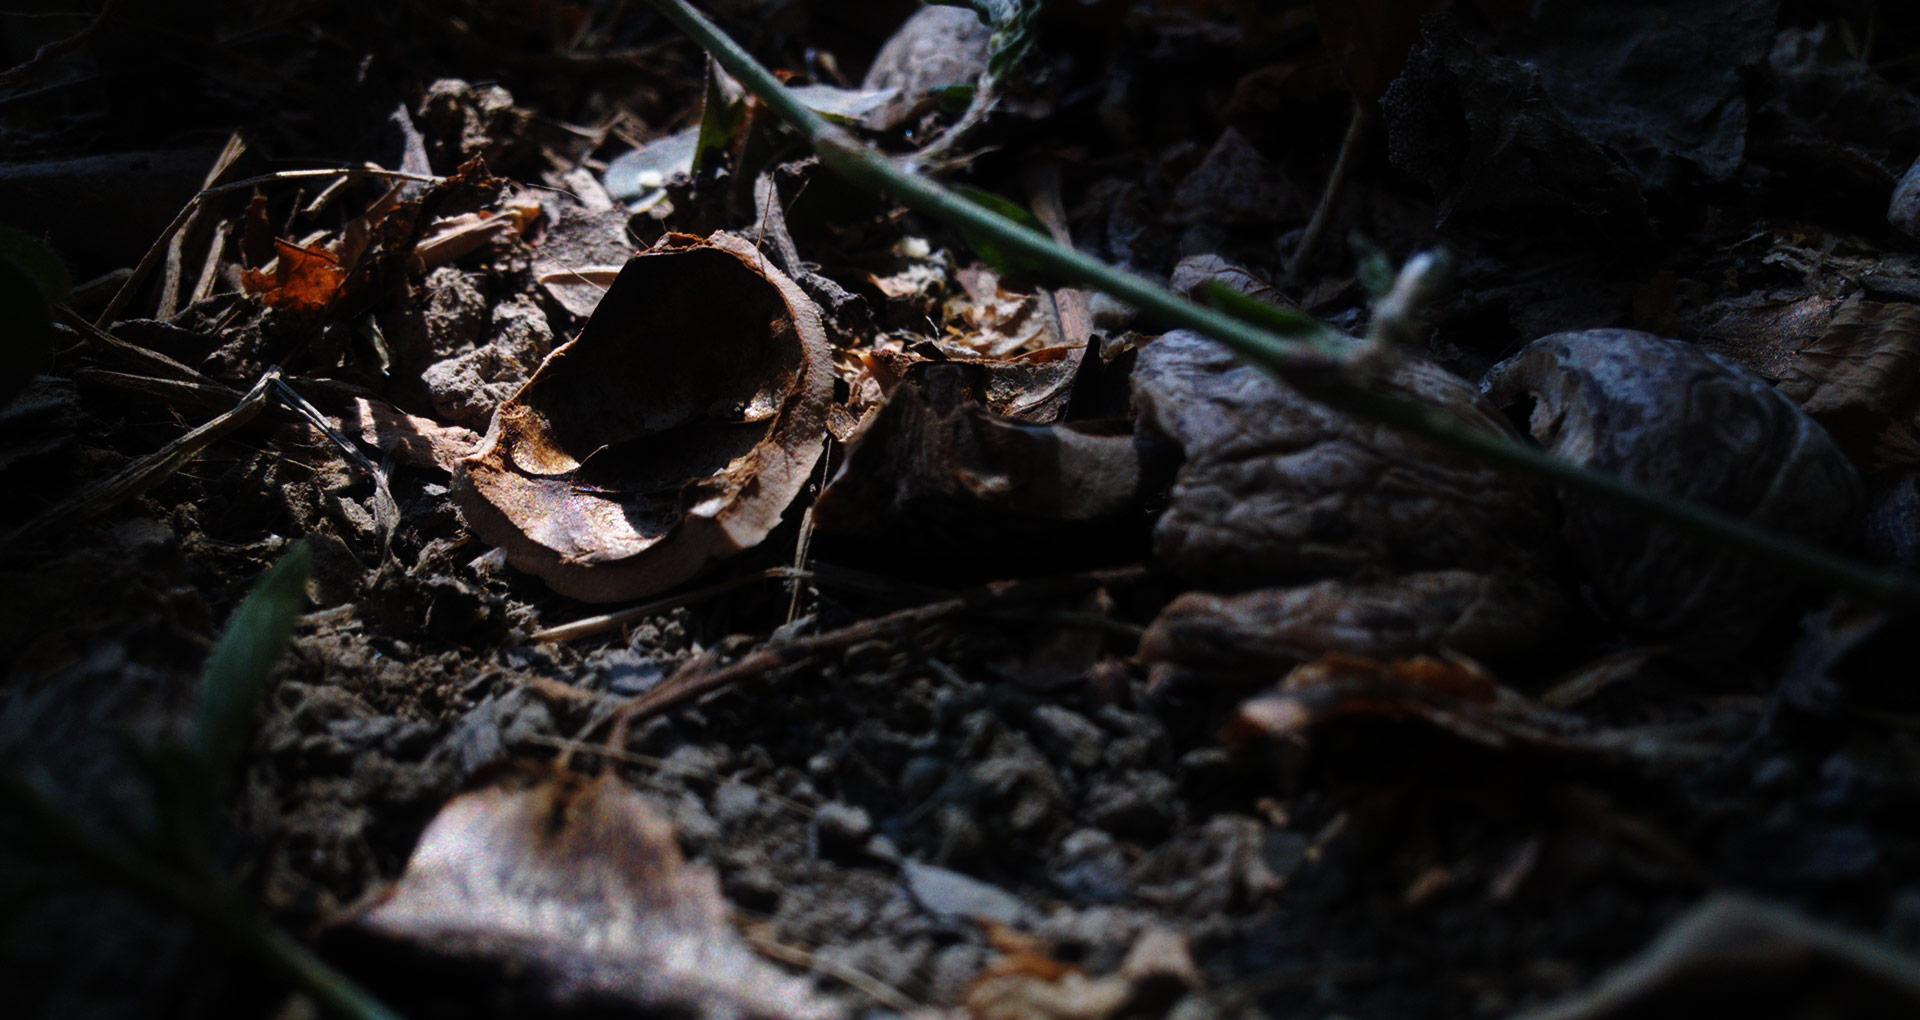 Макро мир - скорлупка от ореха